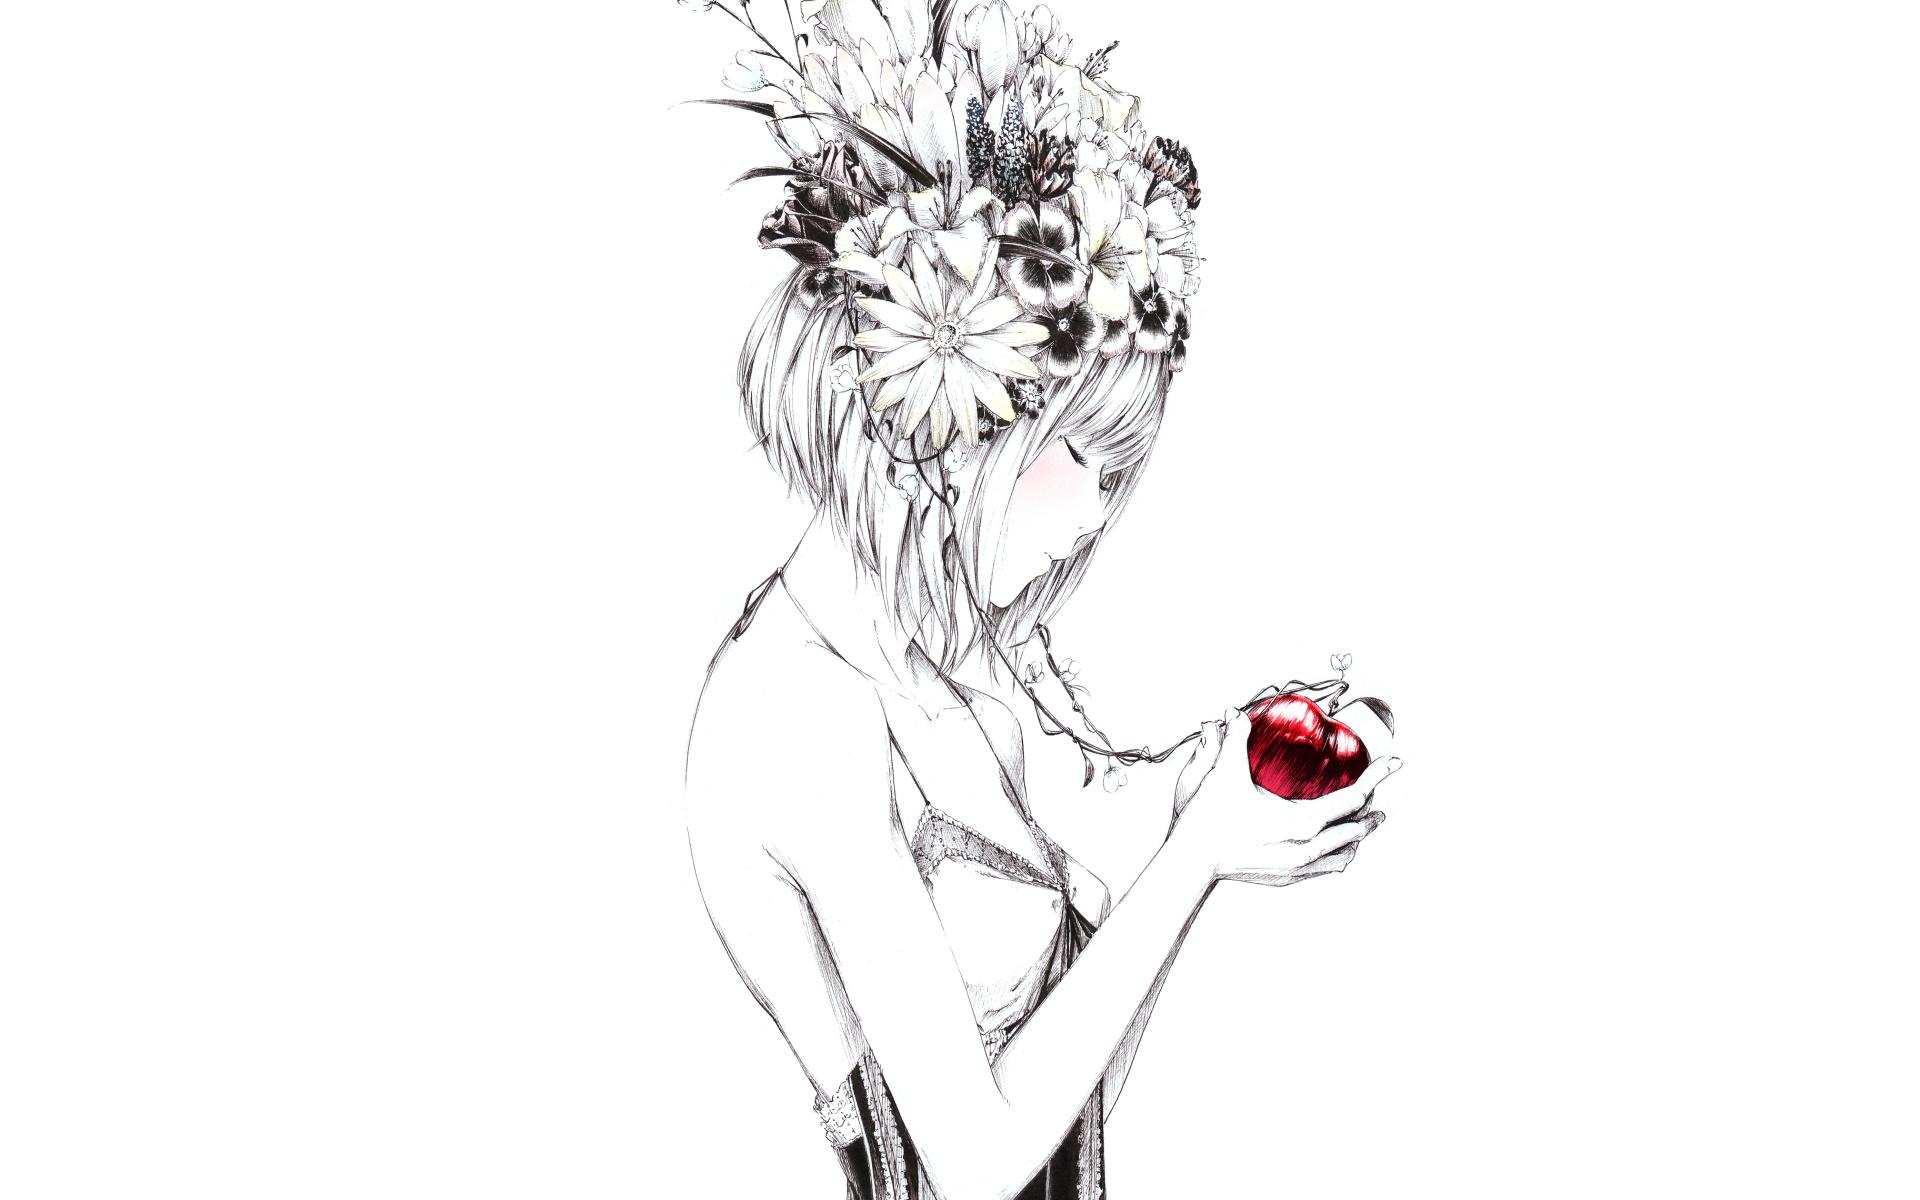 Пожеланием, картинки аниме цветы для срисовки карандашом